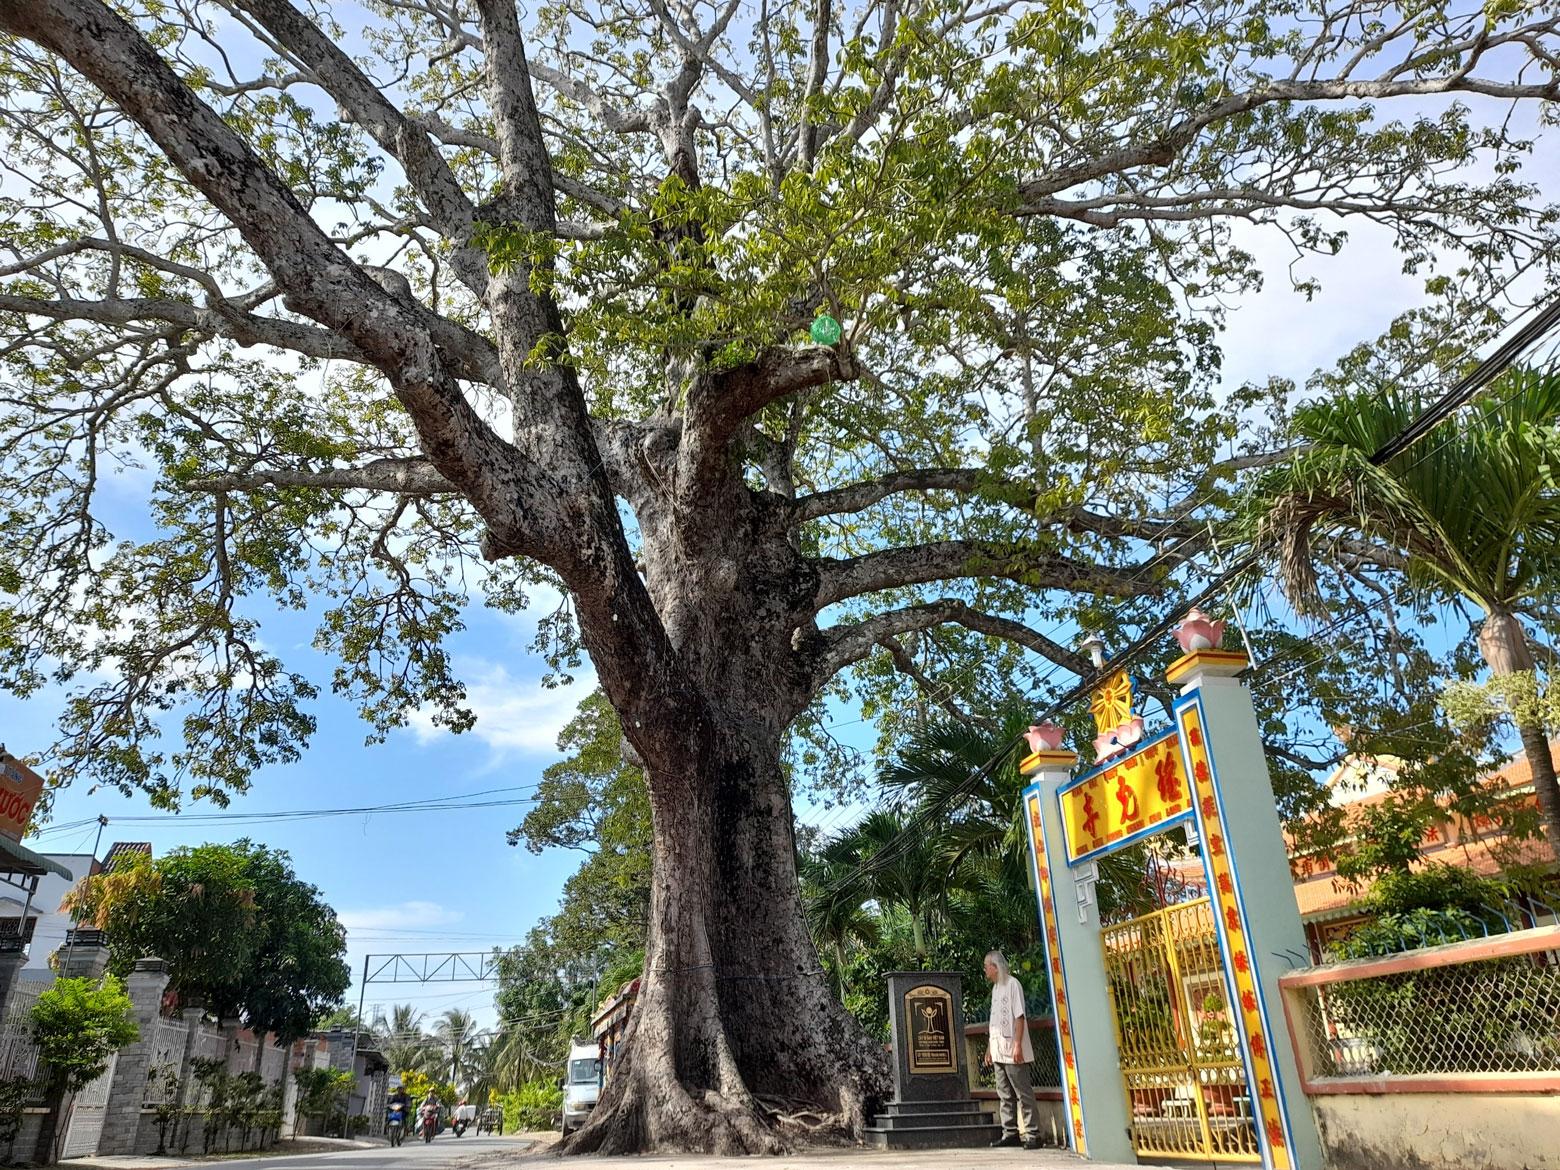 Cây trôm mõ (phường Khánh Hậu, TP.Tân An) gắn liền với lịch sử khẩn hoang thời cha ông khai phá vùng đất Nam bộ